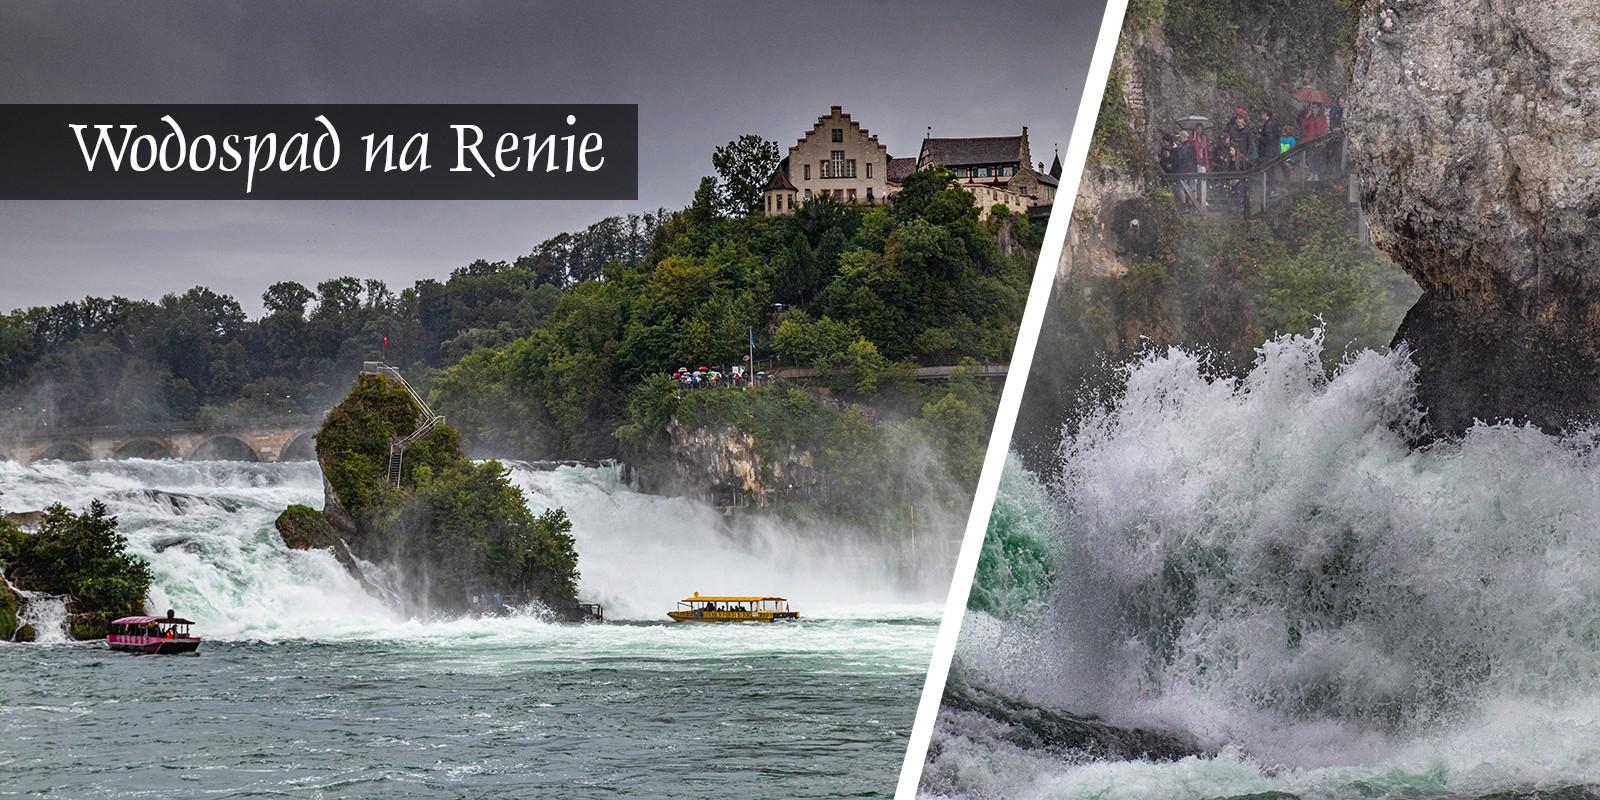 Wodospad najwyższy w europie szwjacaria Ren na renie rheinfall schaffhausen wycieczka